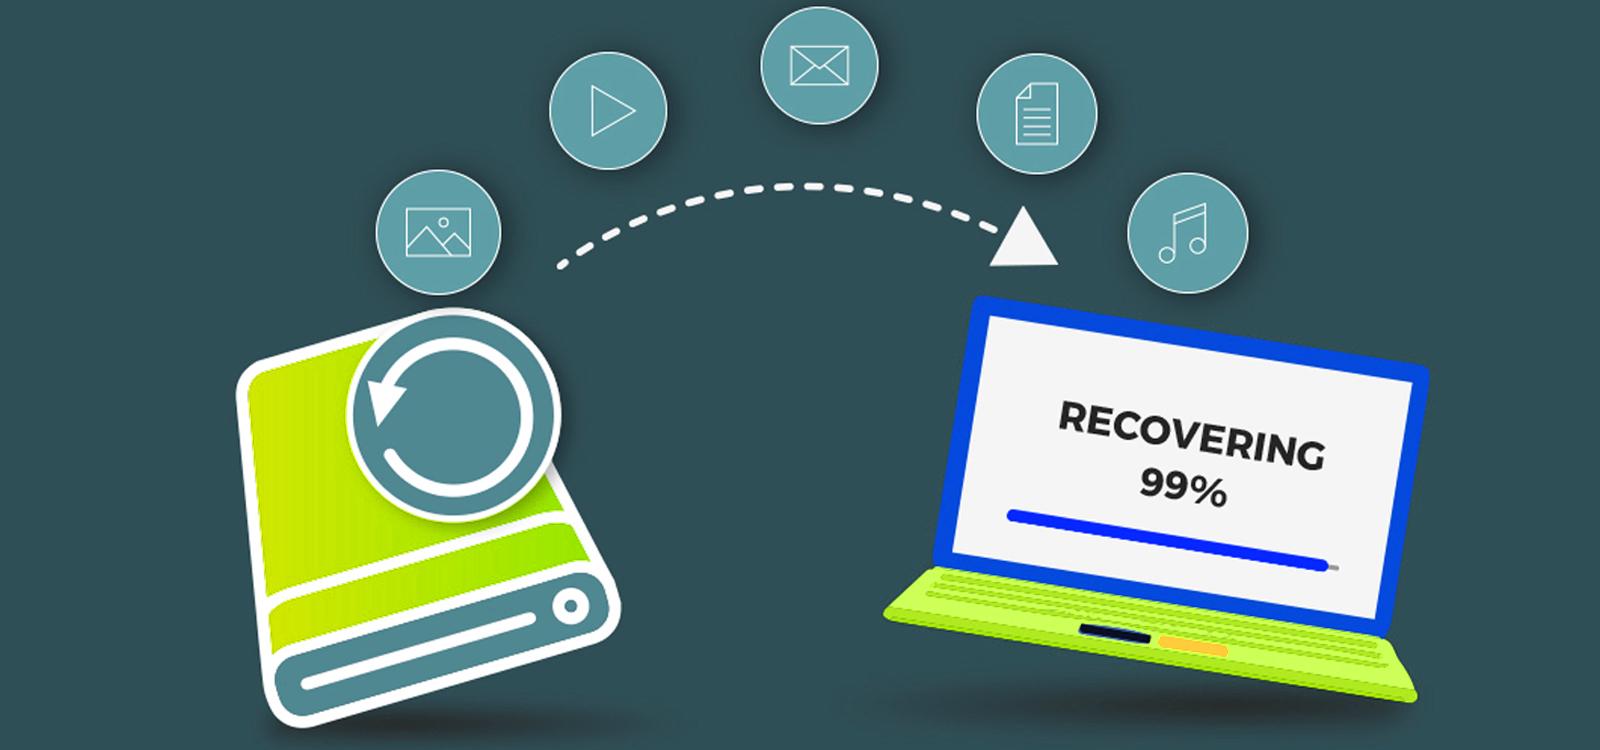 Datenübernahme auf neue Geräte mit passender Software. Übertrage deine Daten auf externe Festplatten, USB ohne Datenverluste. Dank unsere Software Klonen wir Daten und Betriebssysteme schnell und effizient.